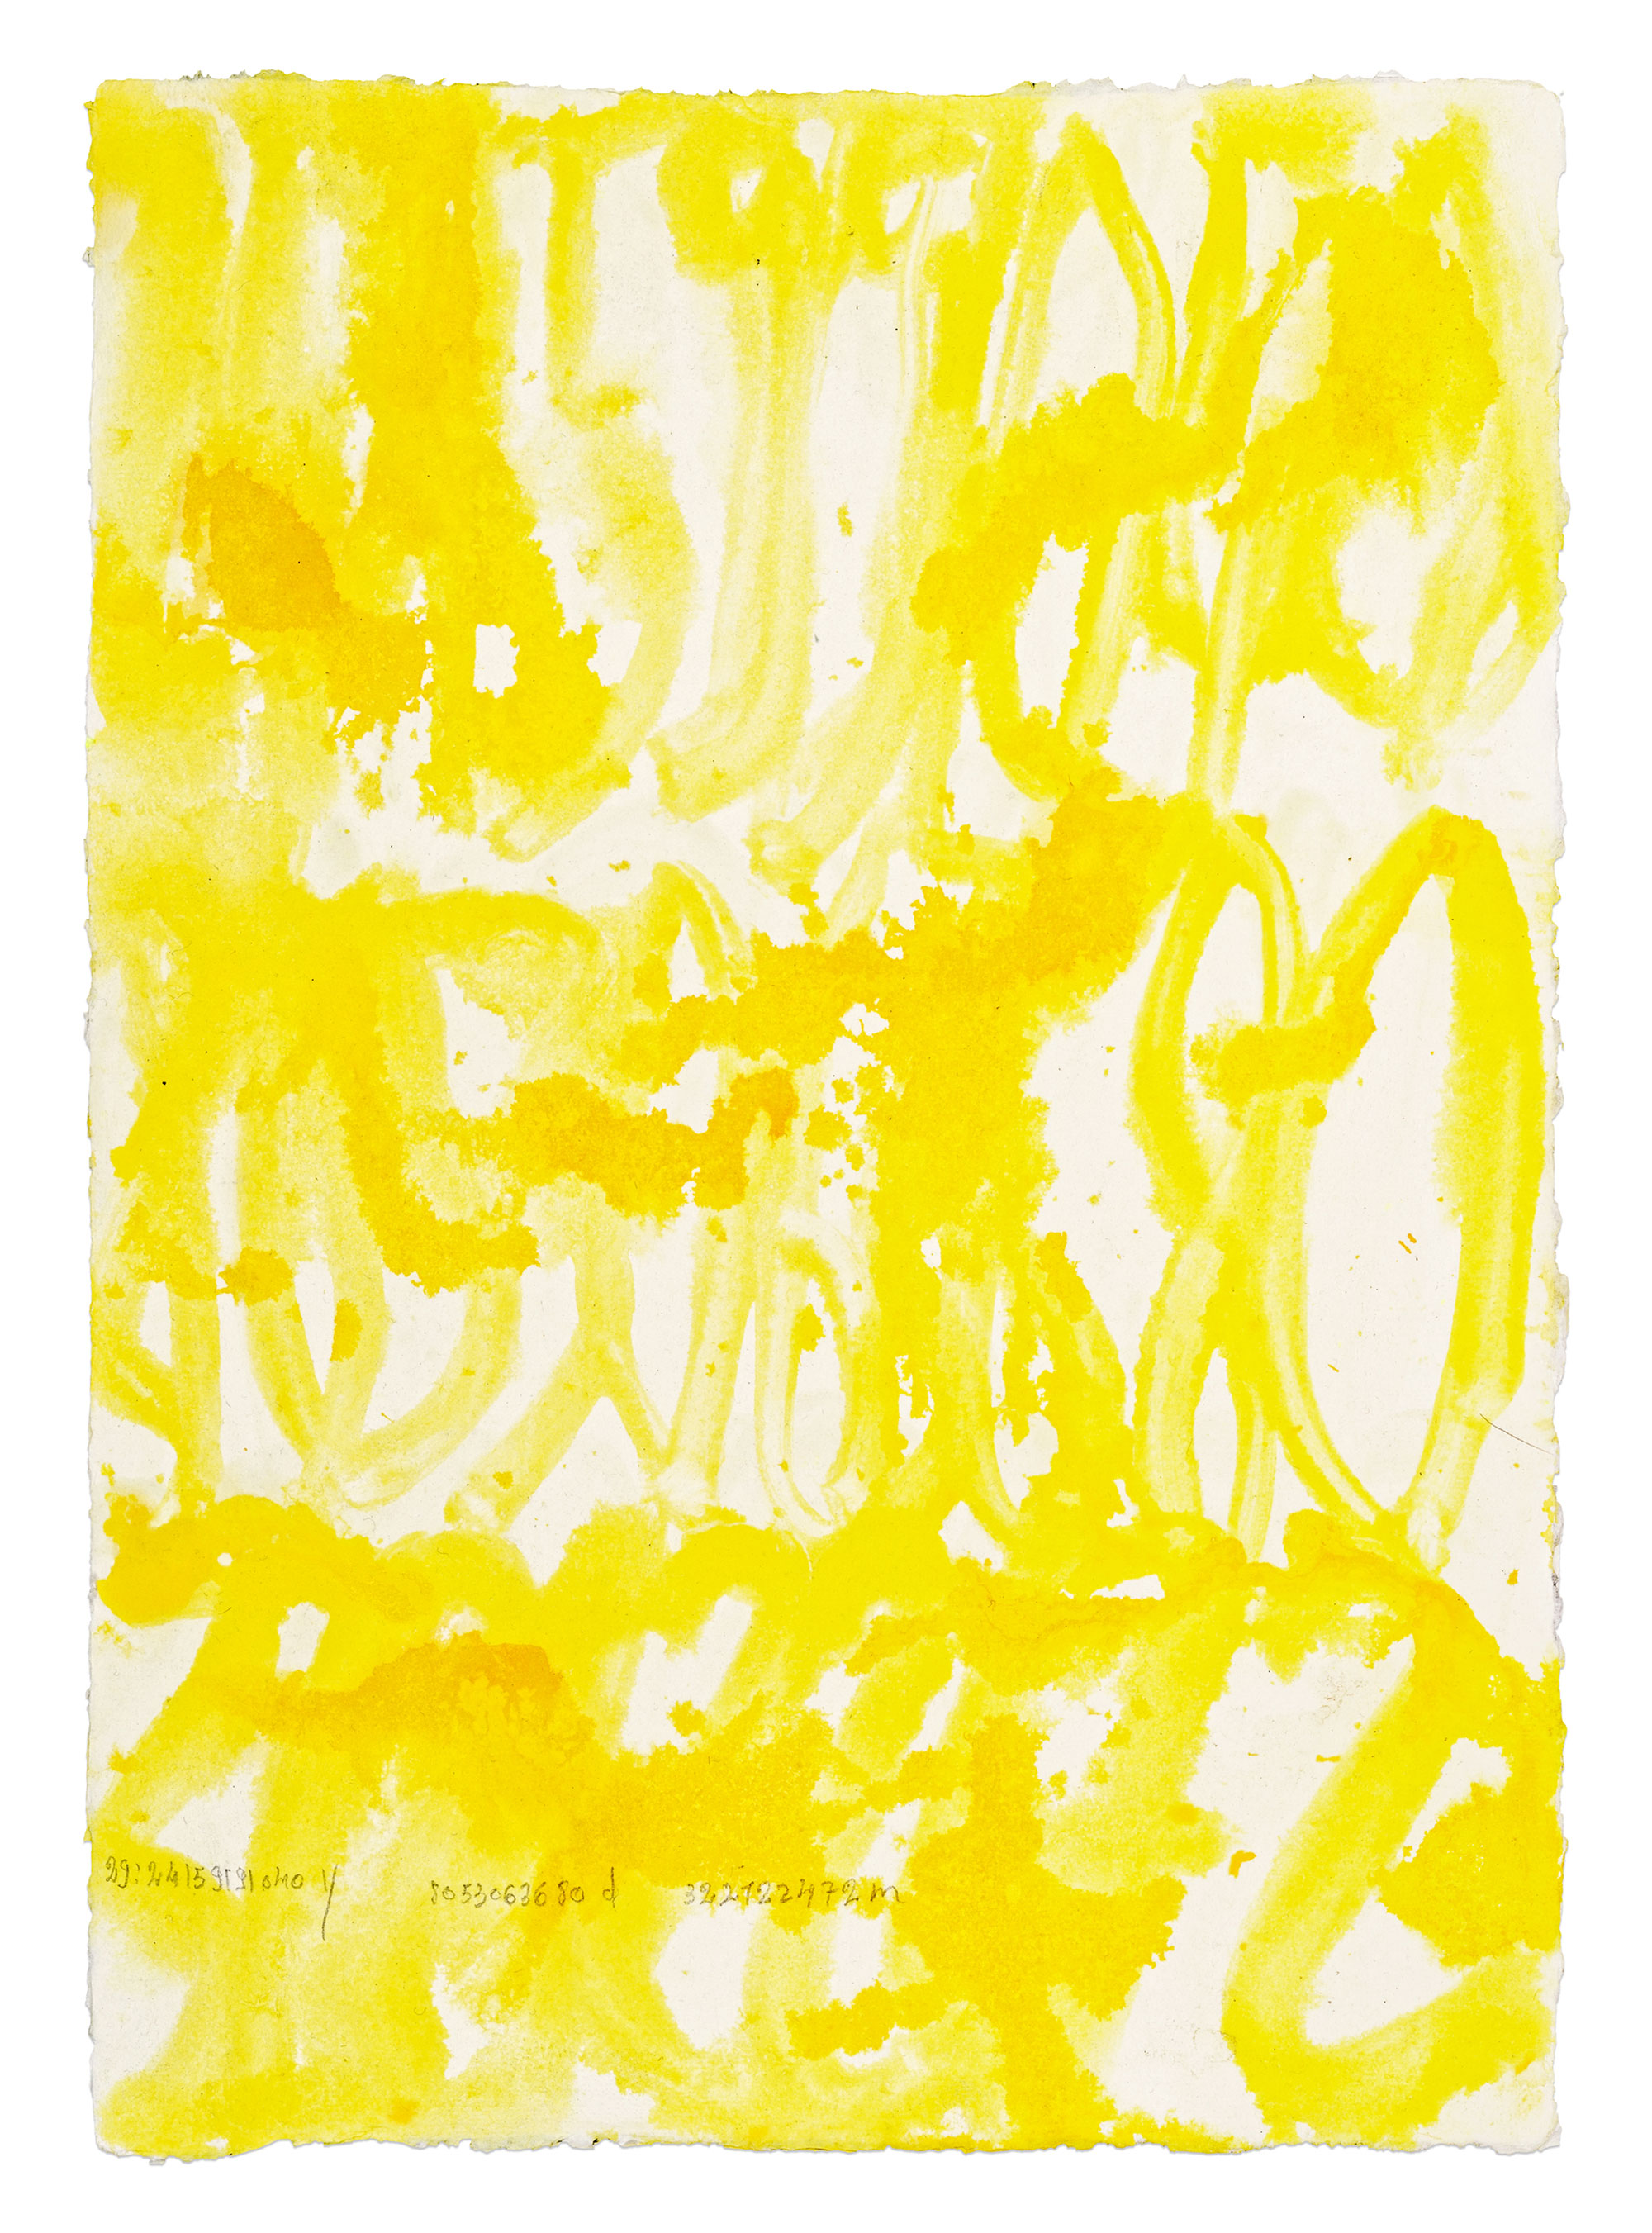 Quarante-quatre levers de soleil,(44 x 90 ans. 44 x 30 jours. 44 x 12 mois) (Saint-Cyr-L'école, 2016)   41 x 29,08 cm chacune Gouache, encre de chine jaune, acrylique, eaux sur papier coton recyclée fait à la main Rag 210 g (Inde du Sud) Photographie: Aurélien Mole